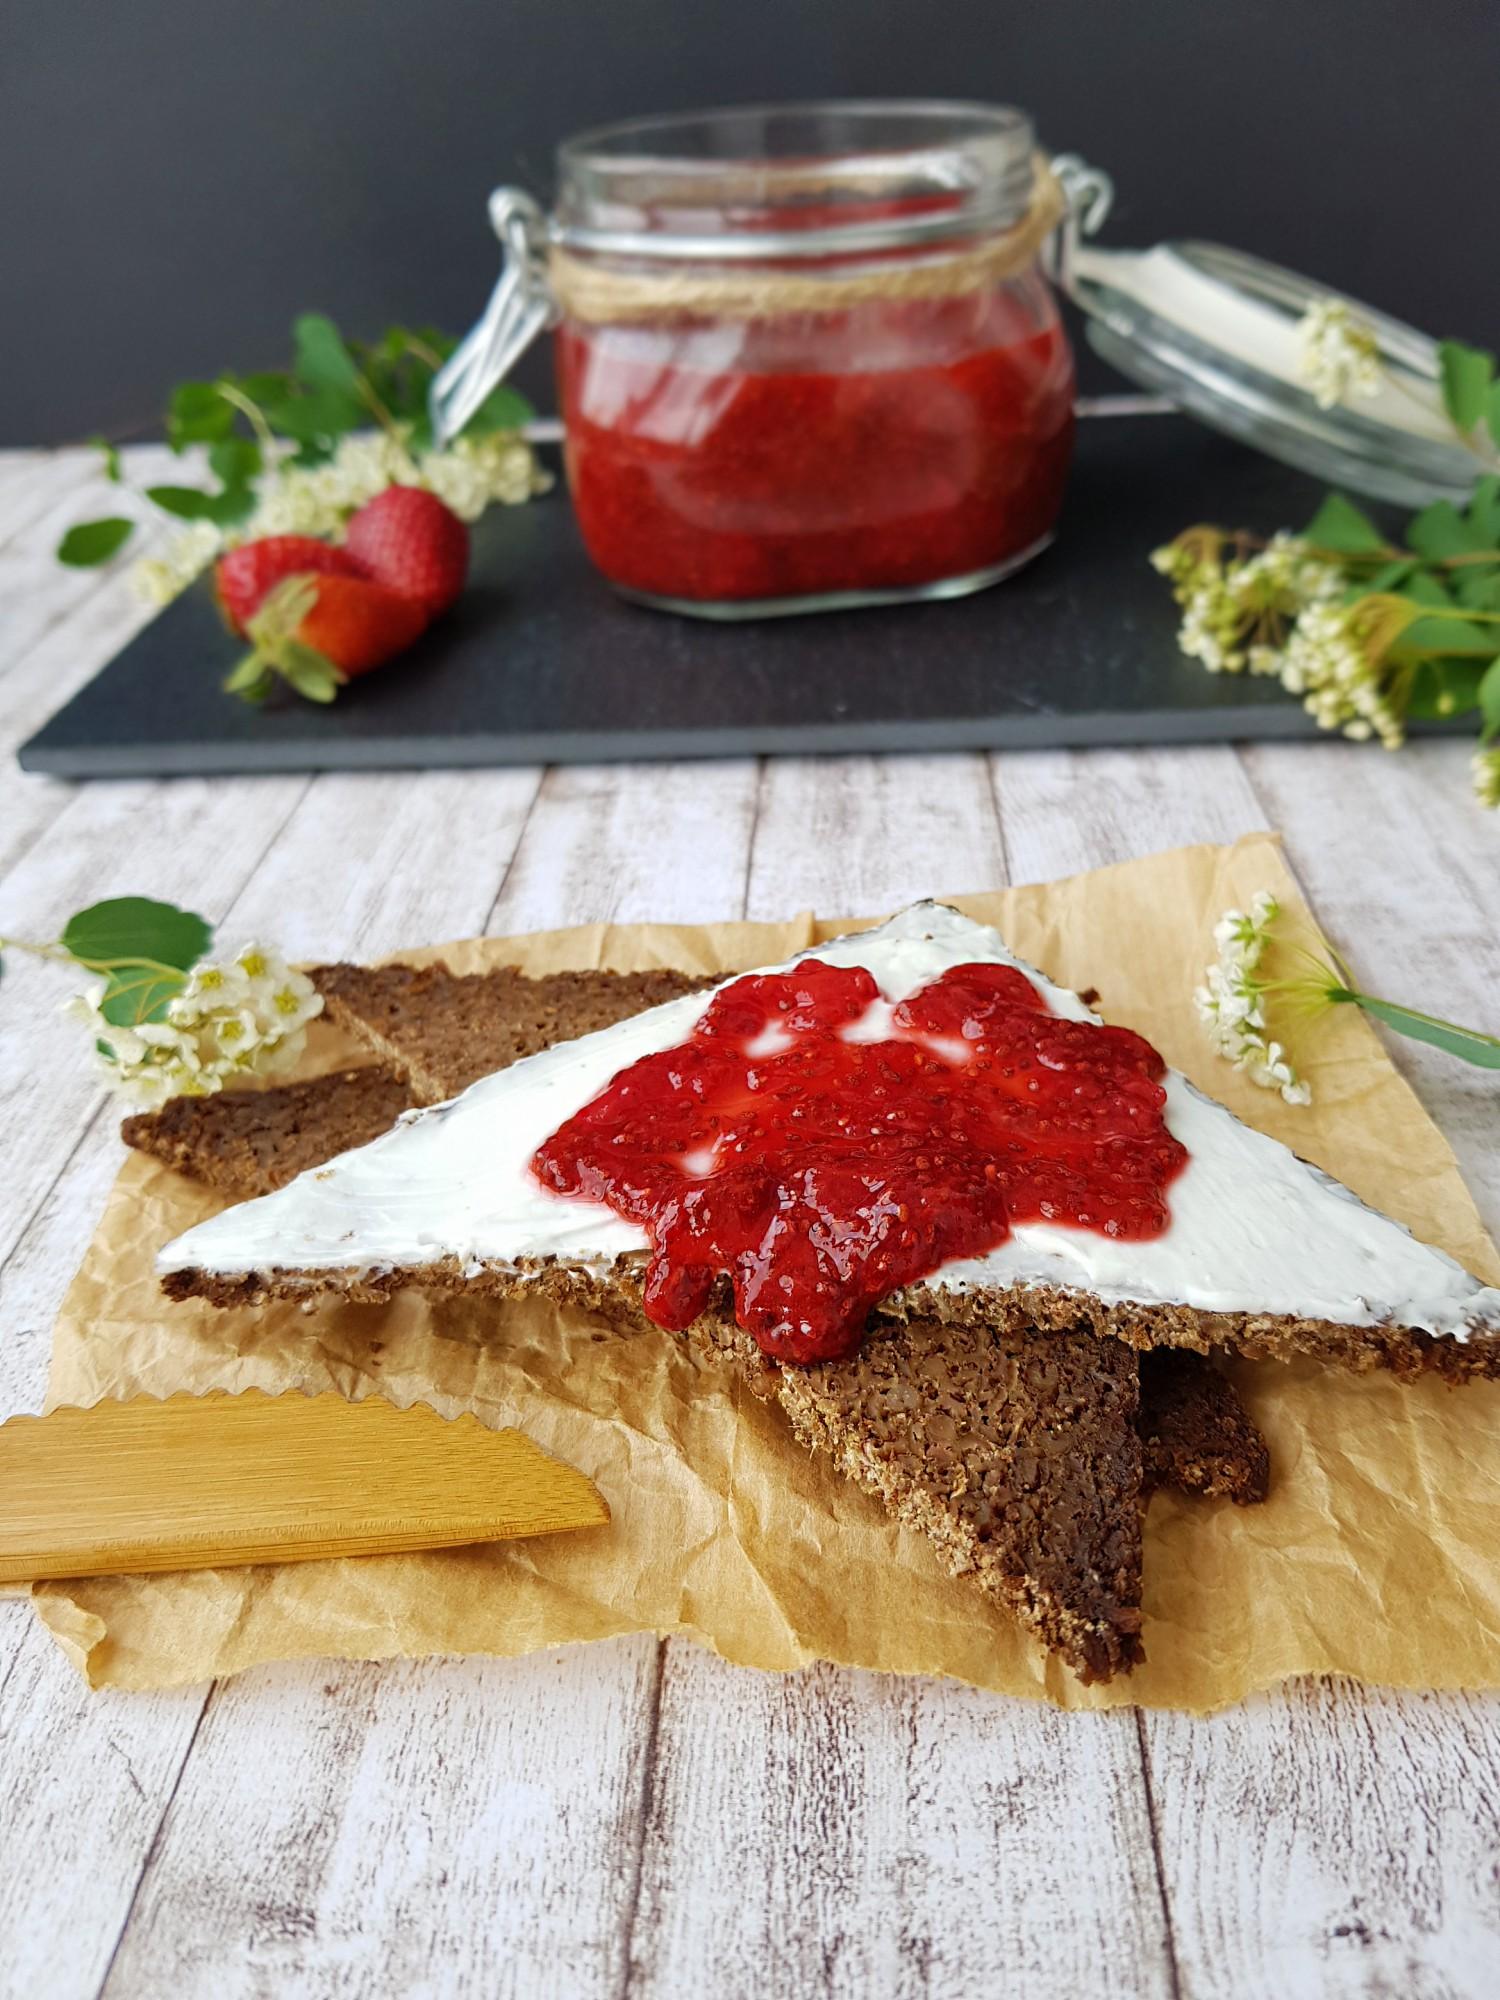 gem_de_căpșuni_cu_semințe_de_chia_-_foodieopedia_5_